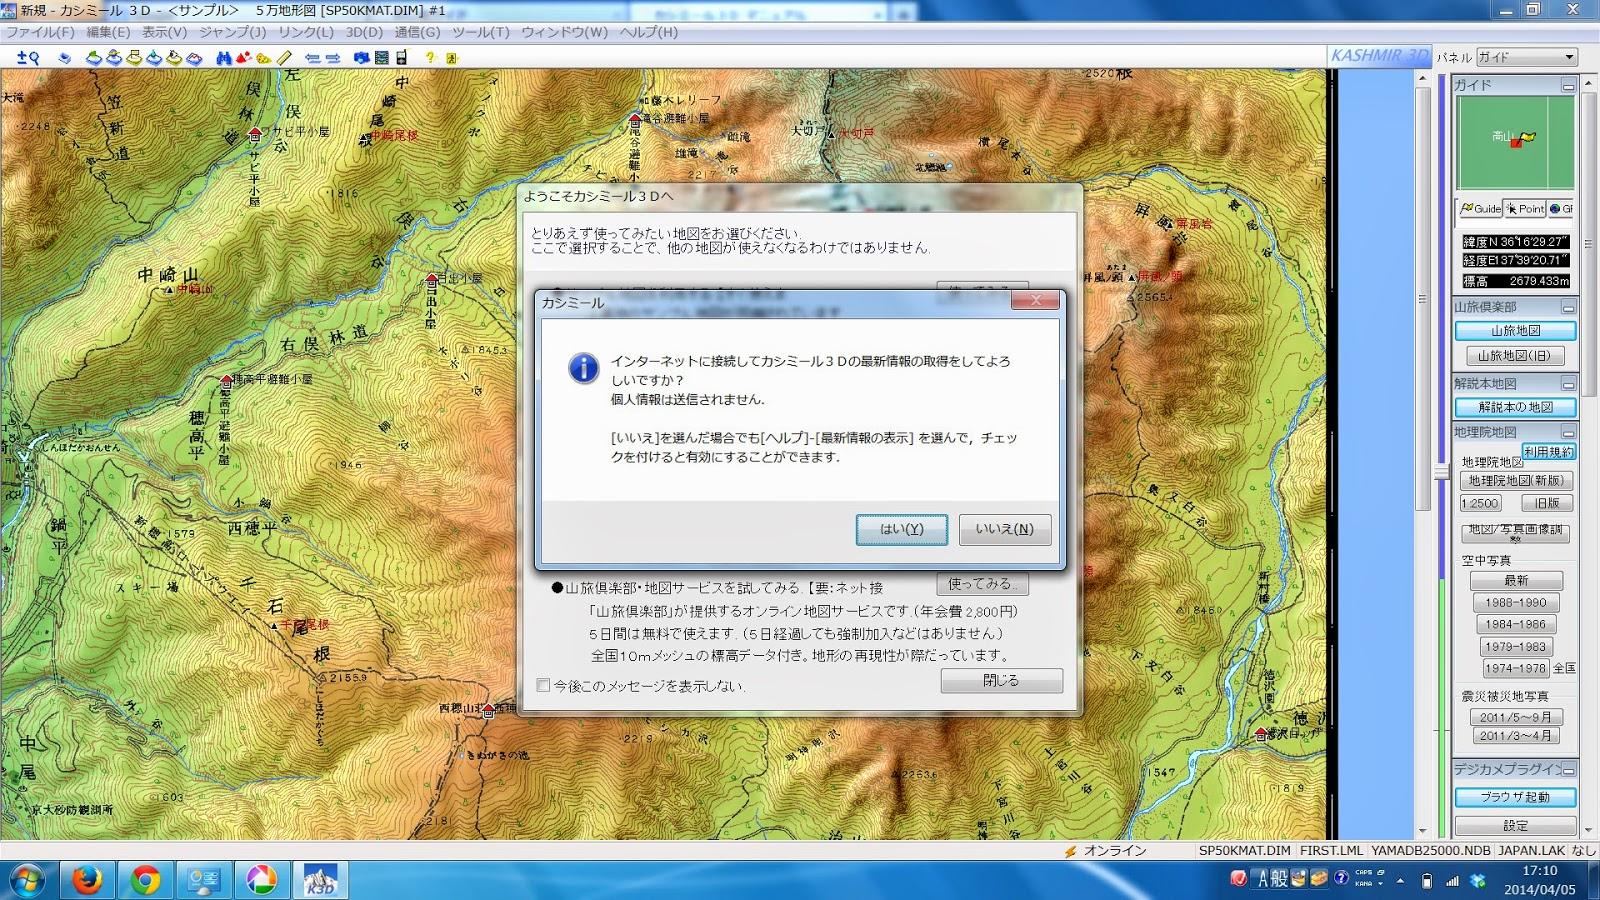 地形図・地勢図図歴 - mapps.gsi.go.jp